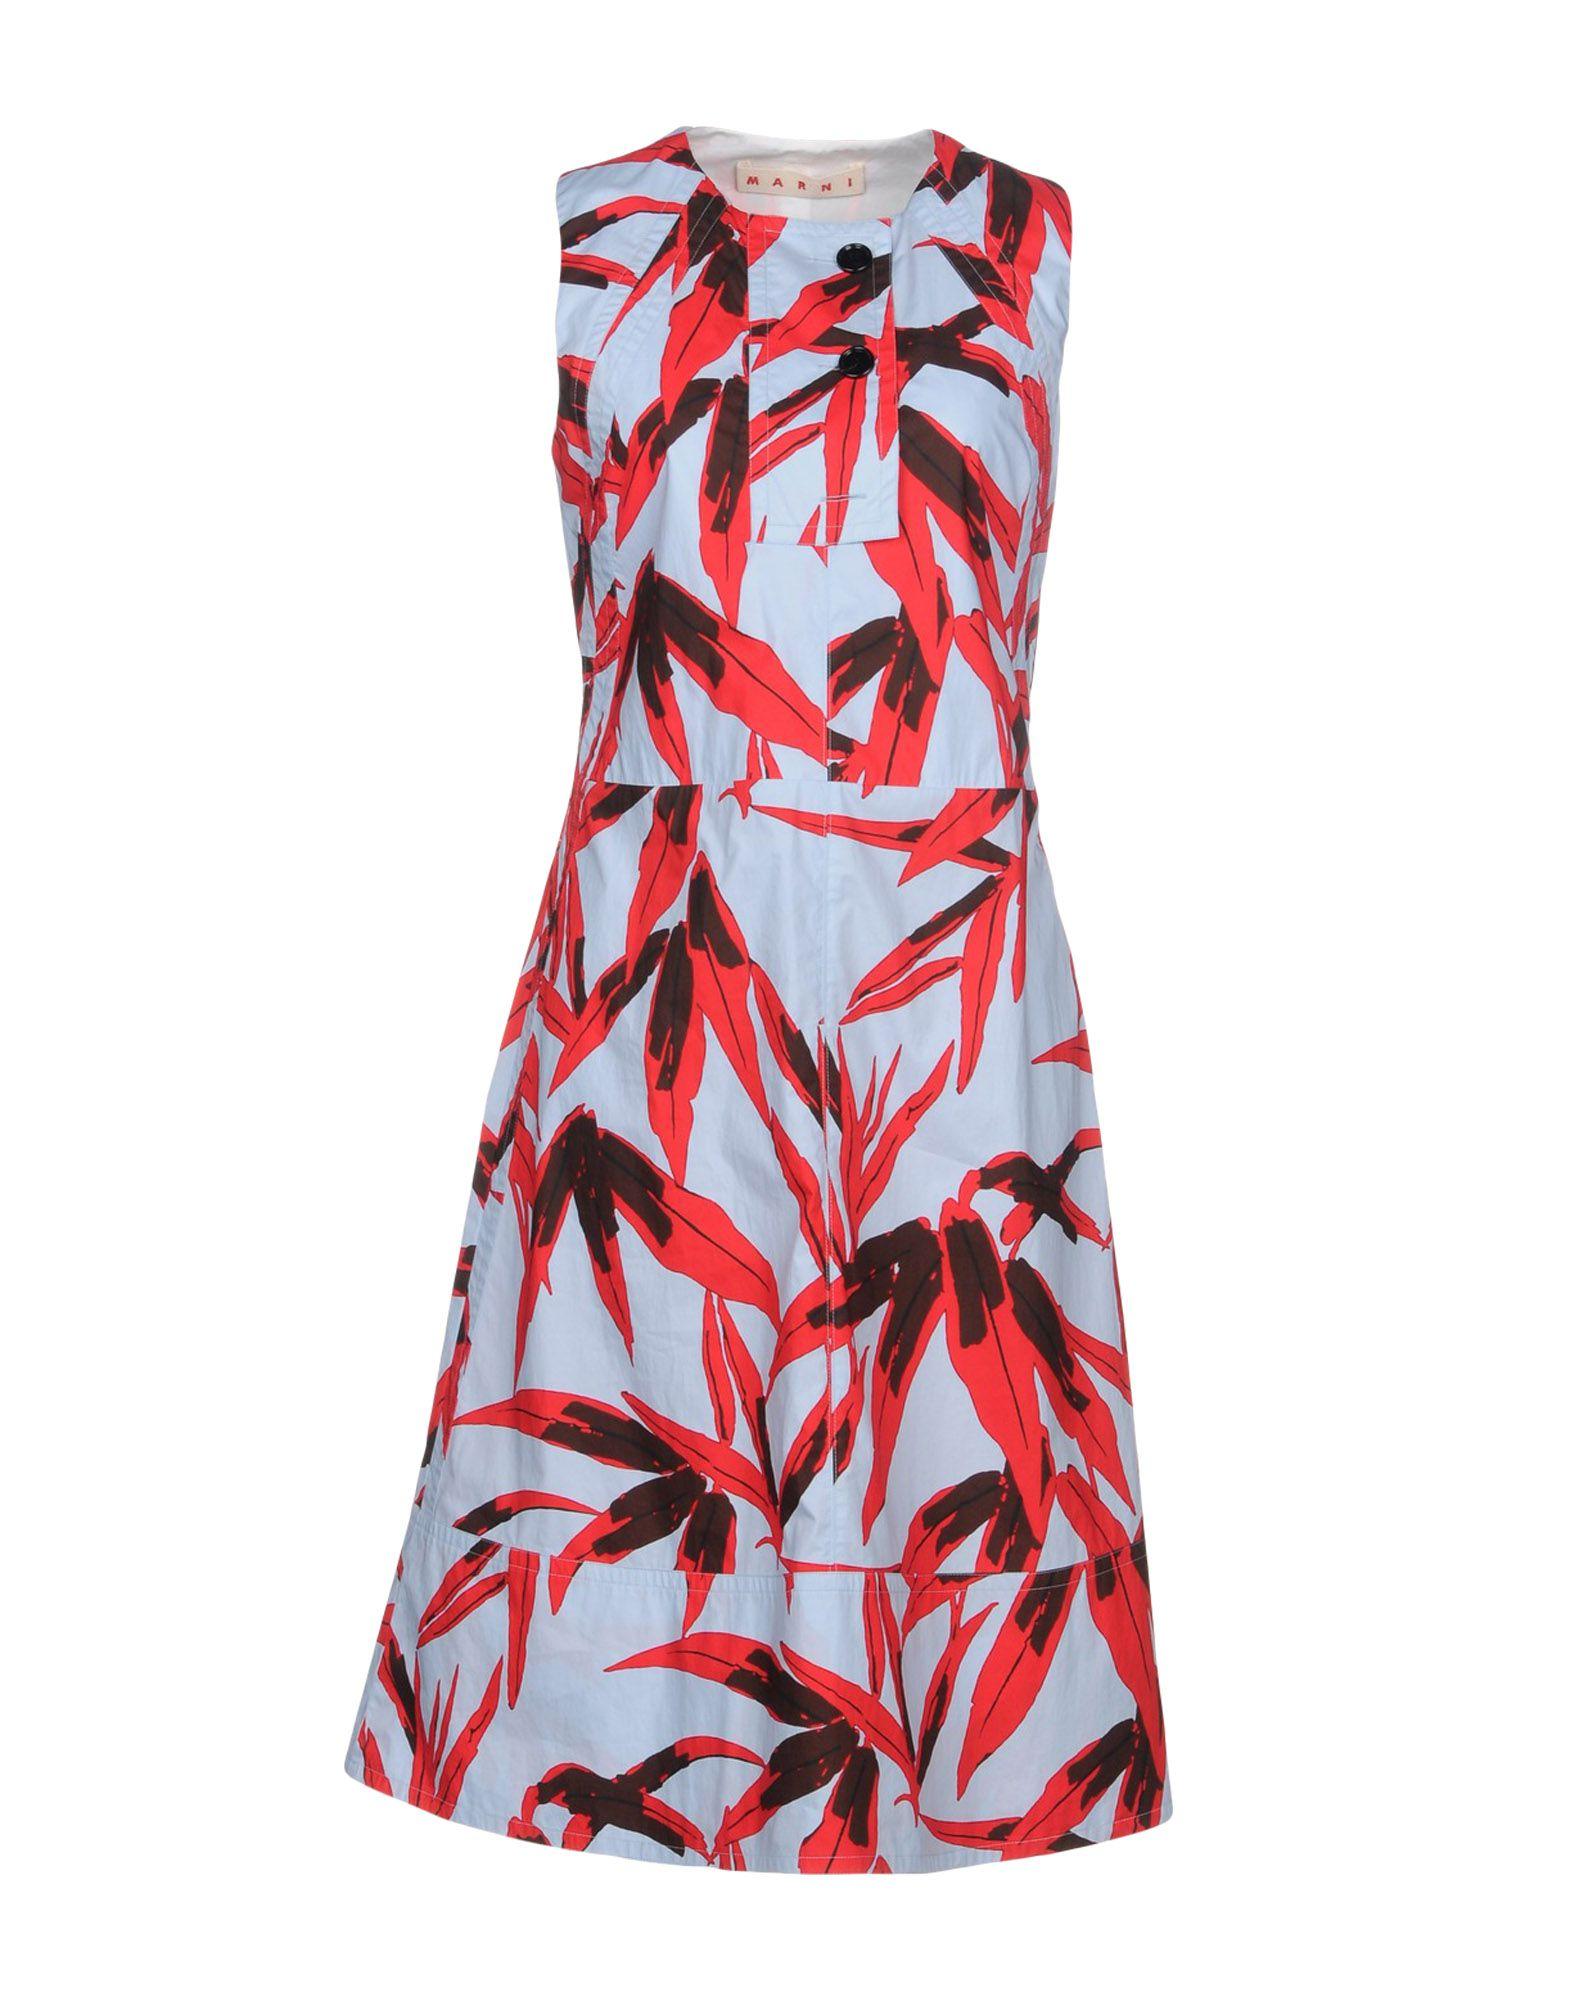 MARNI Damen Knielanges Kleid Farbe Himmelblau Größe 3 jetztbilligerkaufen